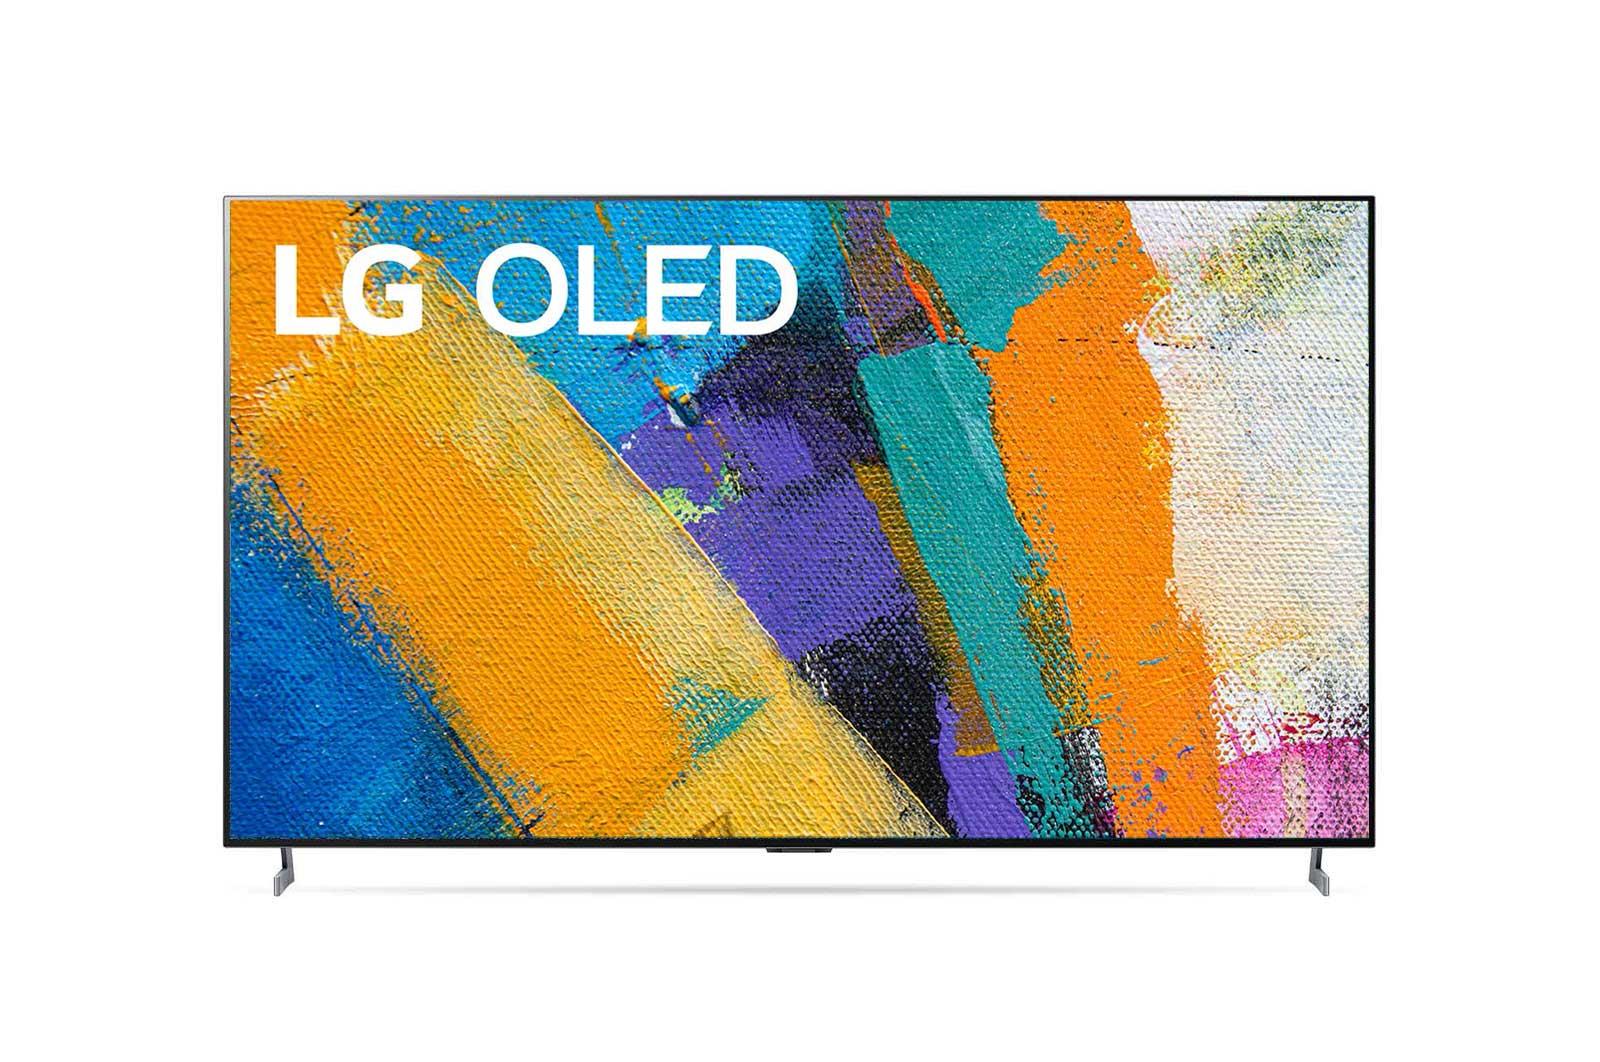 LG 隙間なくピッタリ壁掛けできる空間を演出するギャラリーデザイン。, OLED65GXPJA